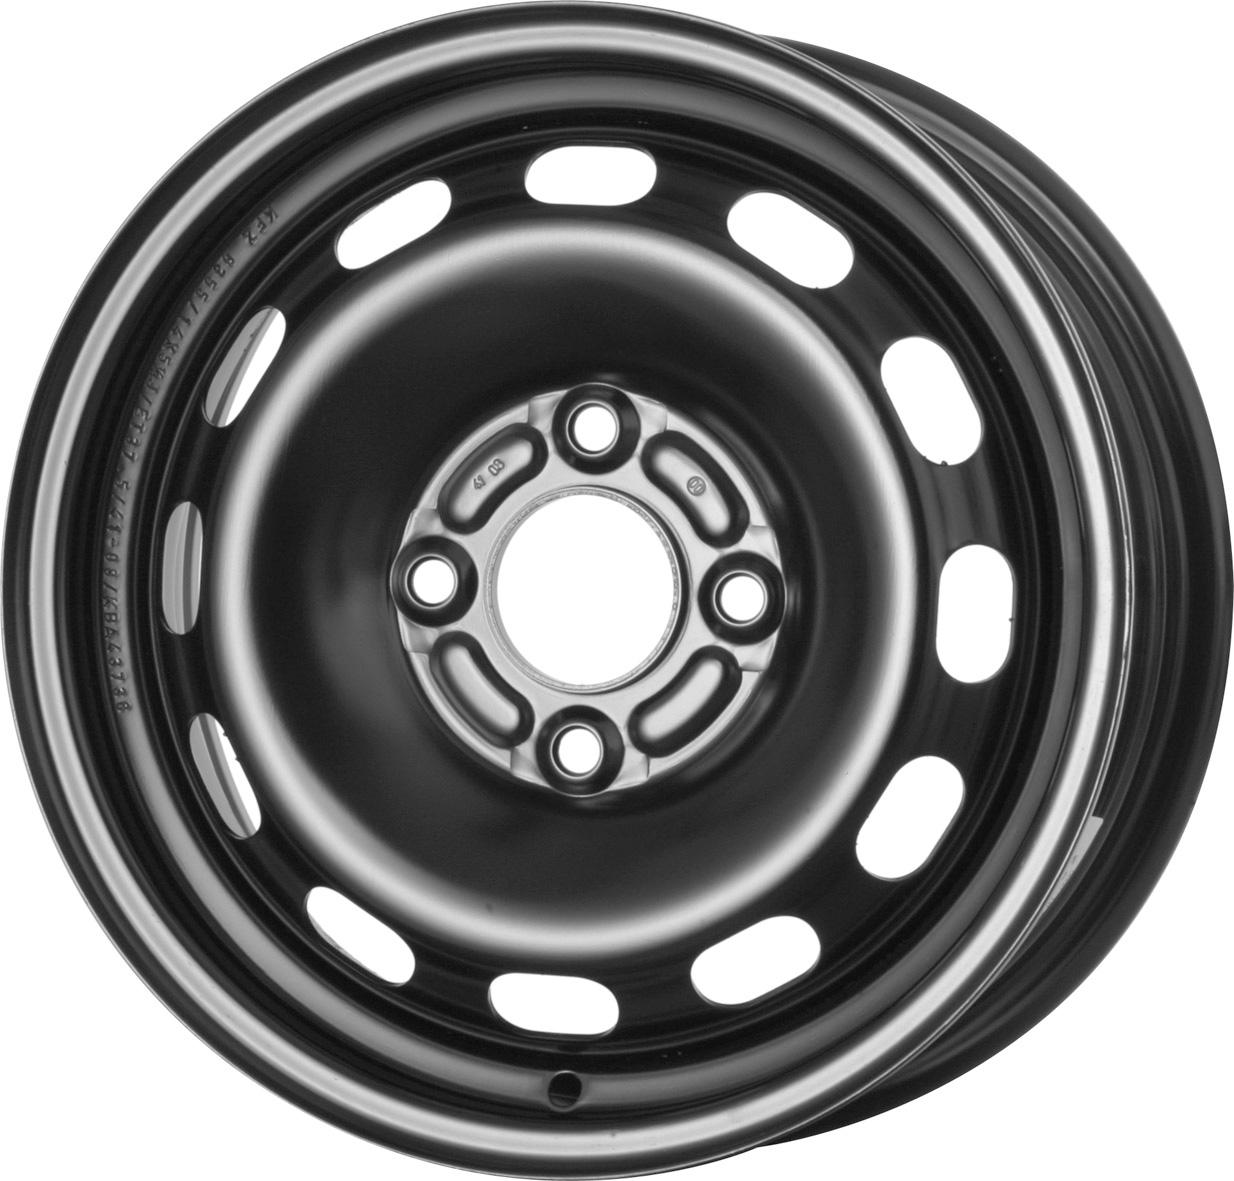 Vorschau: 14″ Stahlrad Sommer für Ford Fiesta 1.25 (JA8) Kumho KH27 175/65 R14 82T